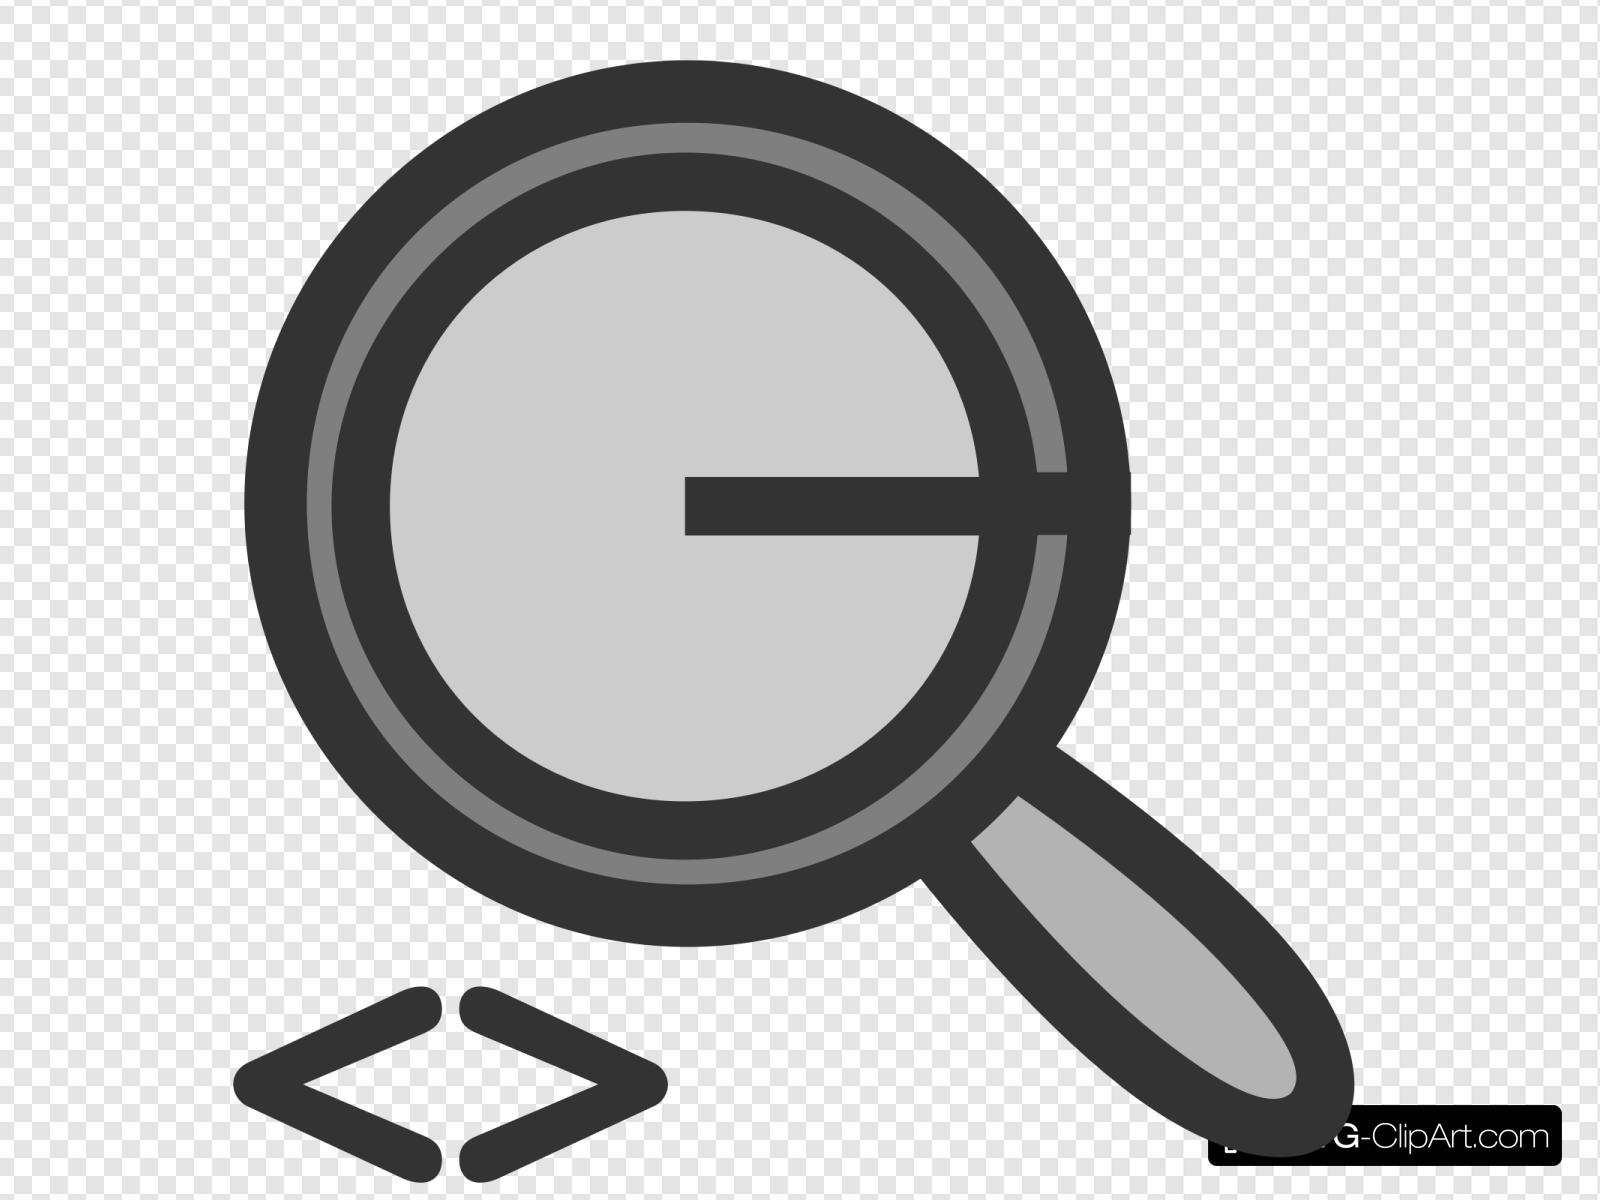 Enlarge clipart clip freeuse download Enlarge View Clip art, Icon and SVG - SVG Clipart clip freeuse download